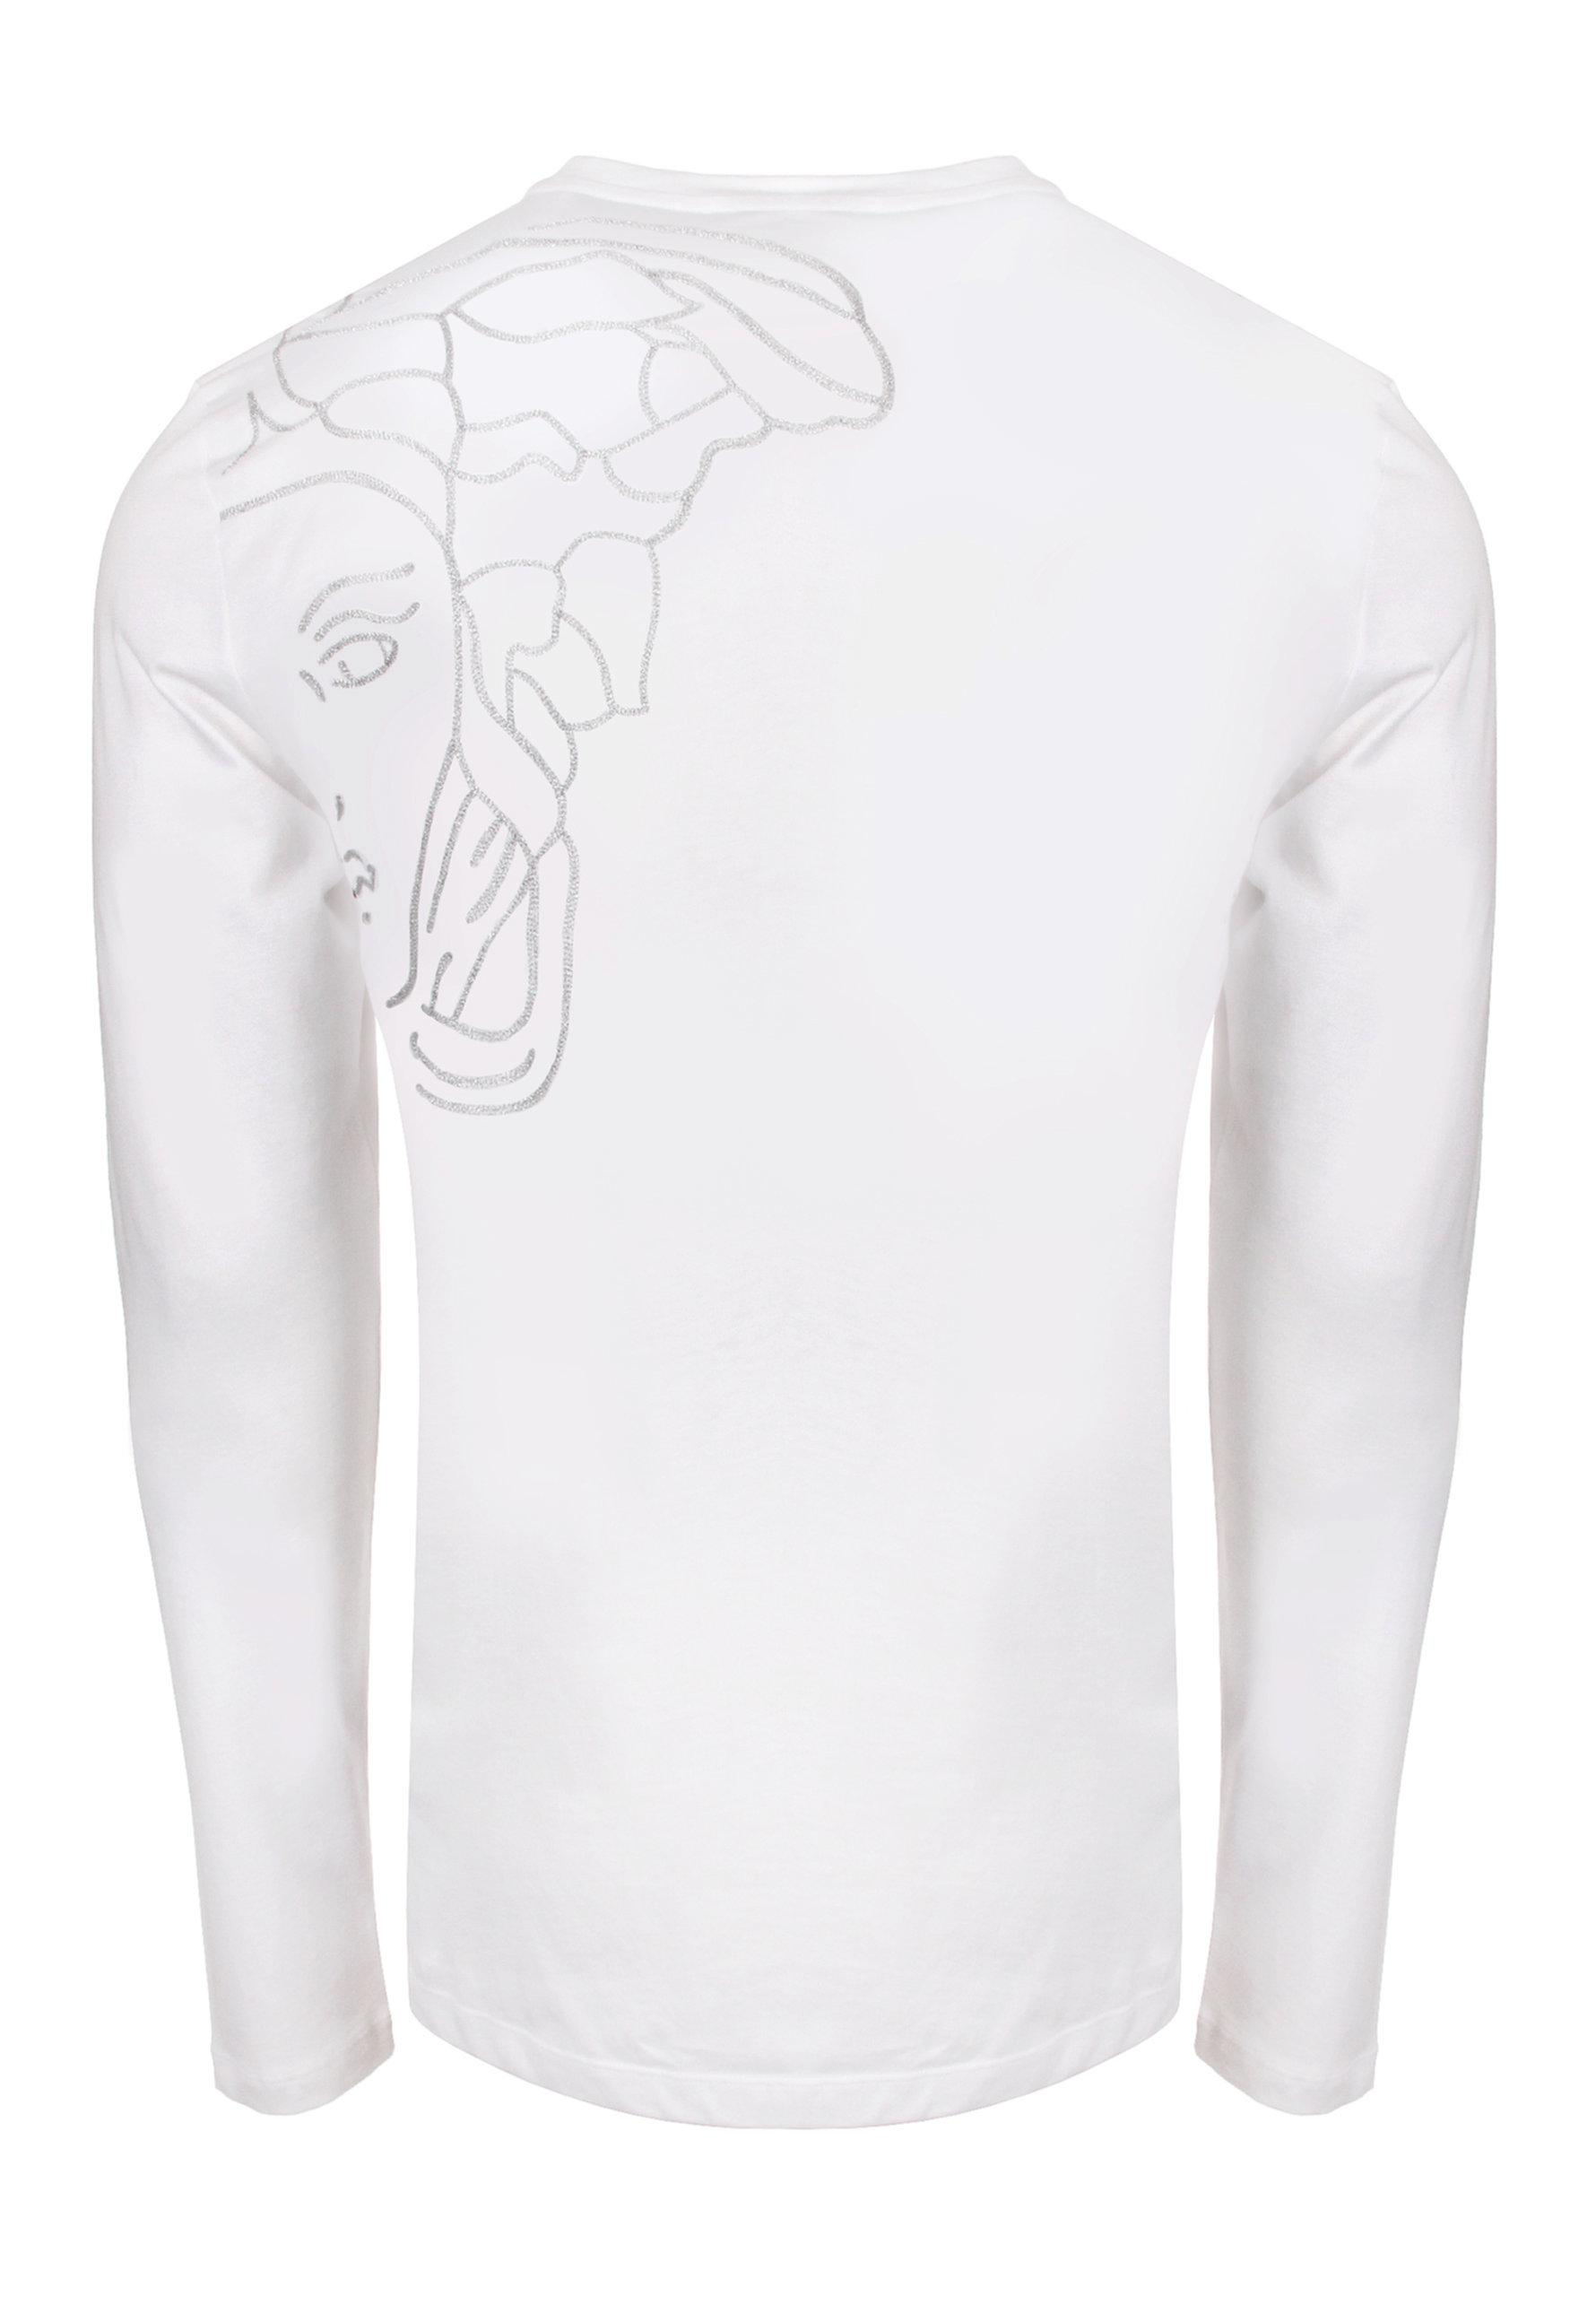 845ee626 Versace Medusa Back Long Sleeve T-shirt White in White for Men - Lyst